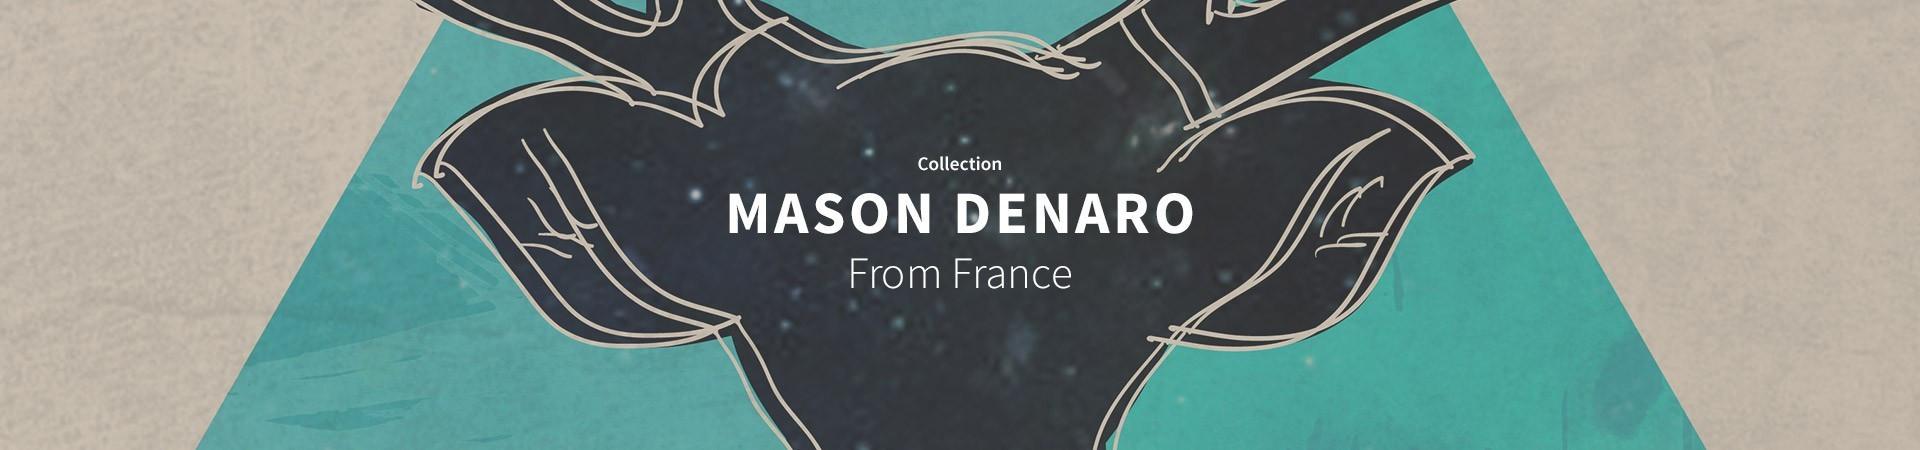 Mason Denaro